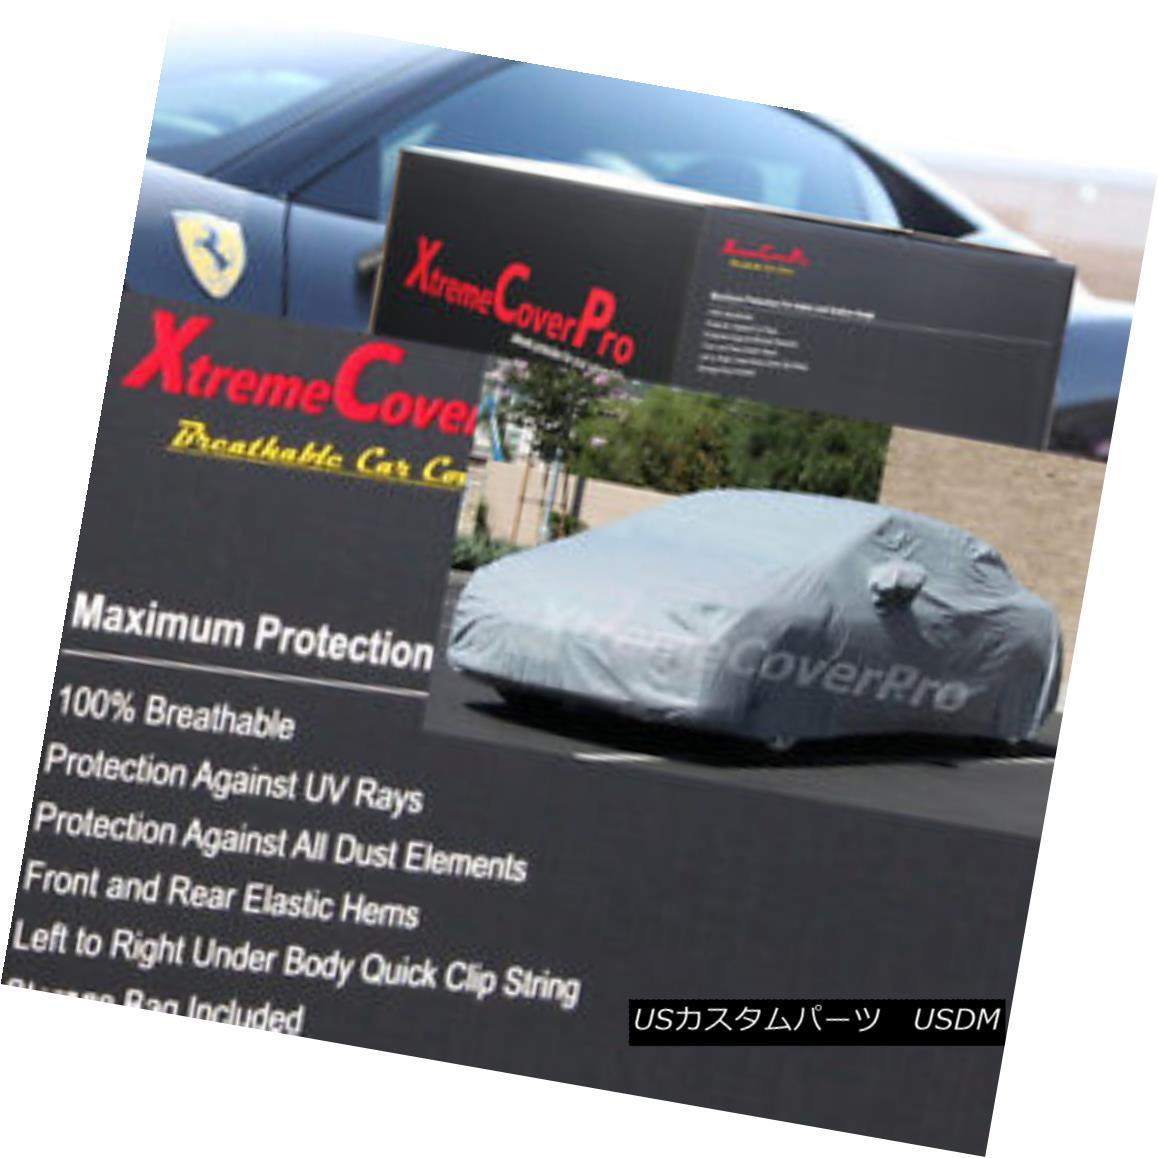 カーカバー 2008 2009 2010 2011 Lexus GS350 GS460 Breathable Car Cover w/MirrorPocket 2008年2009年2010年レクサスGS350 GS460通気性カーカバー(ミラーポケット付)